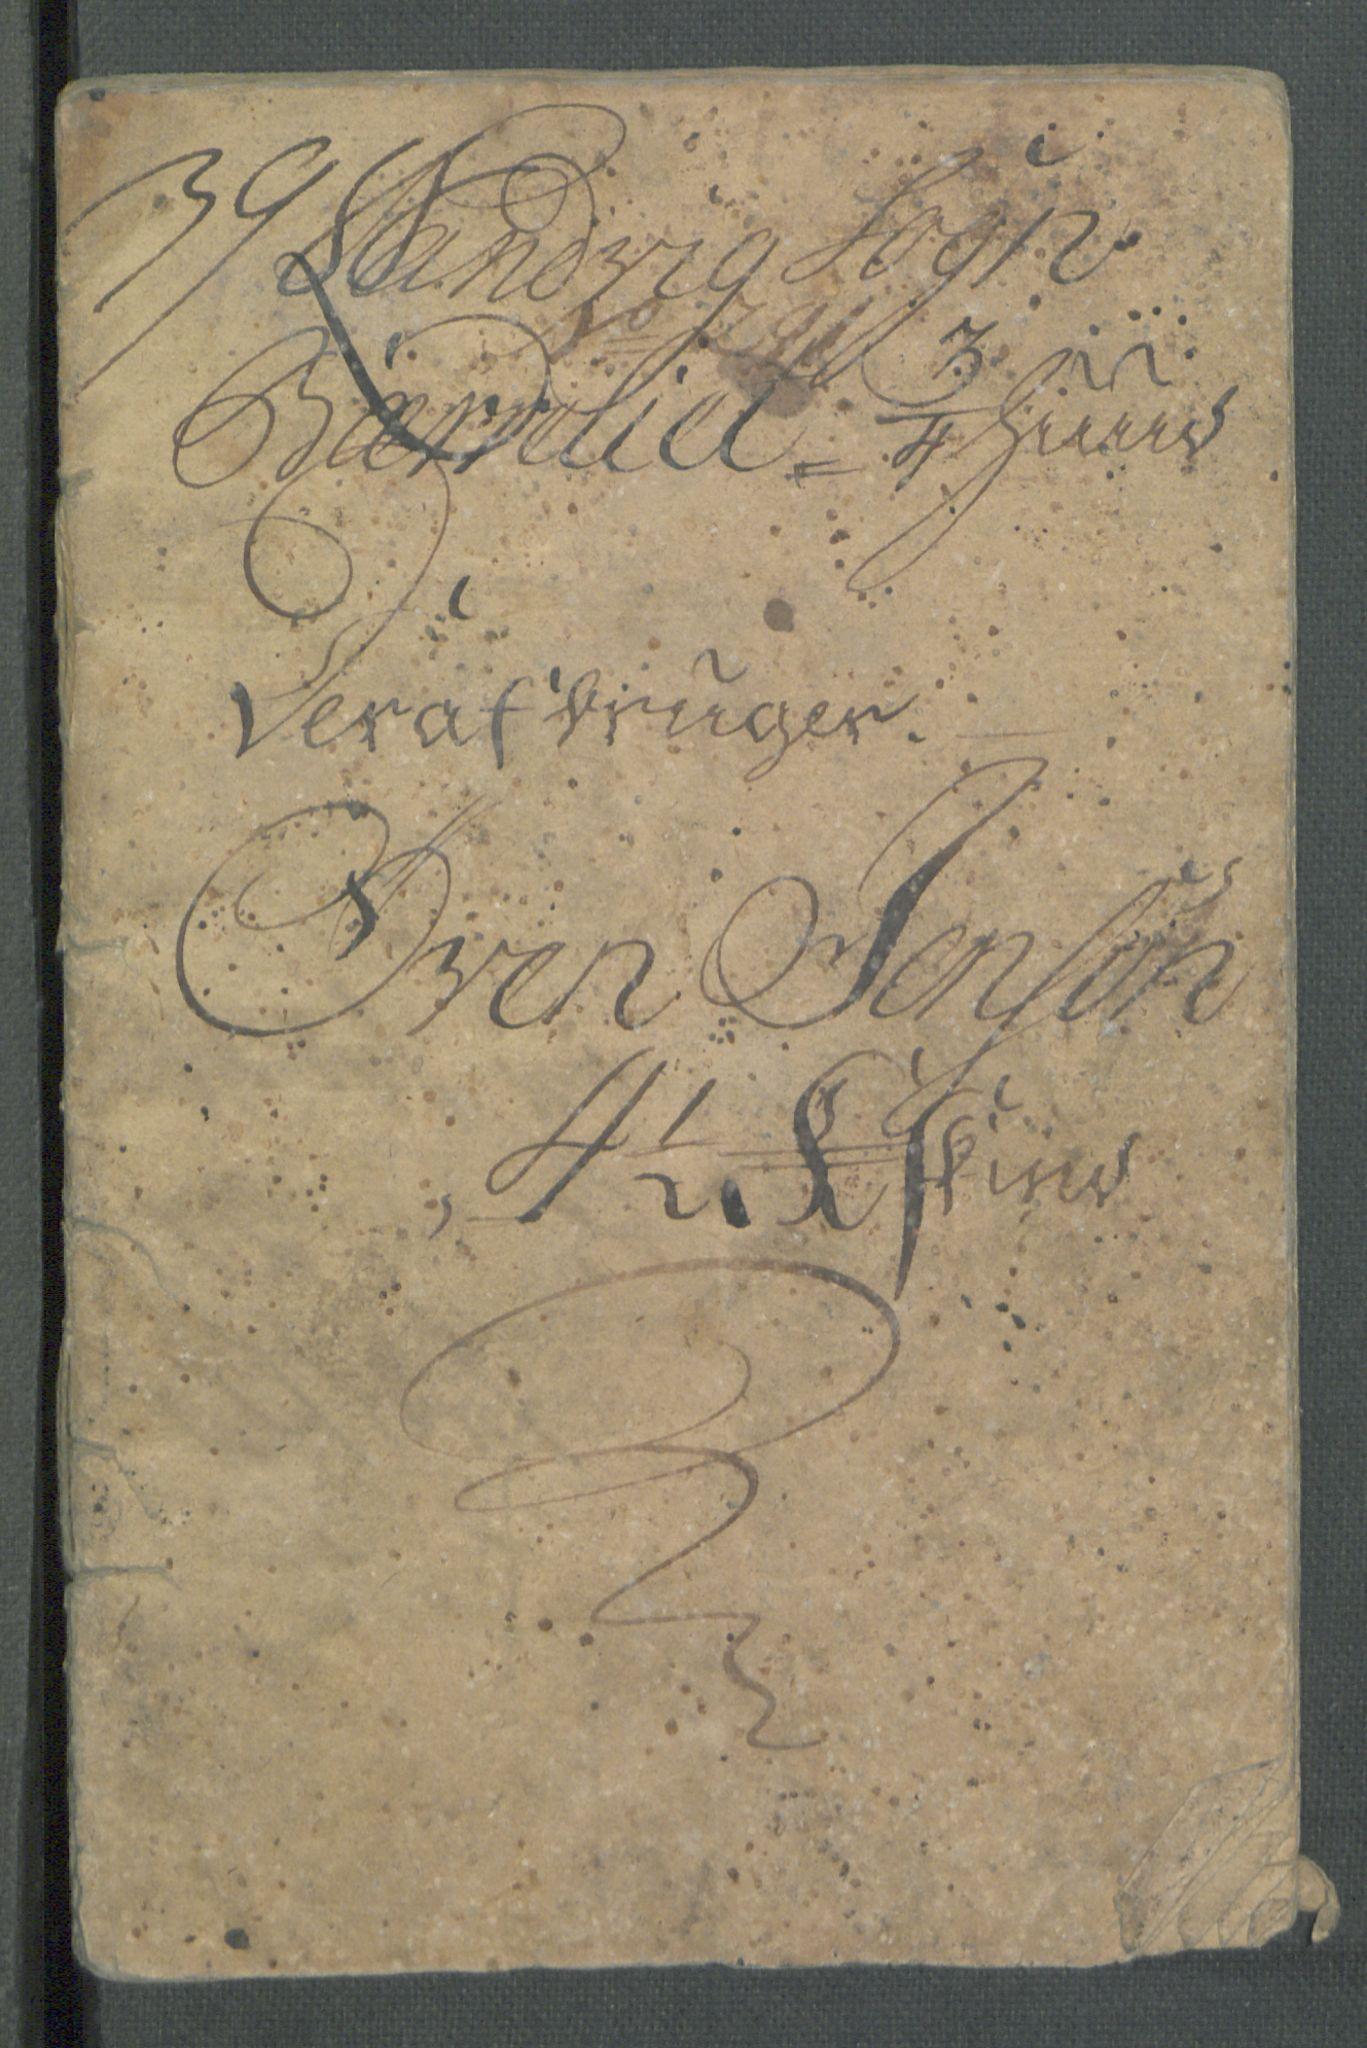 RA, Rentekammeret inntil 1814, Realistisk ordnet avdeling, Od/L0001: Oppløp, 1786-1769, s. 669